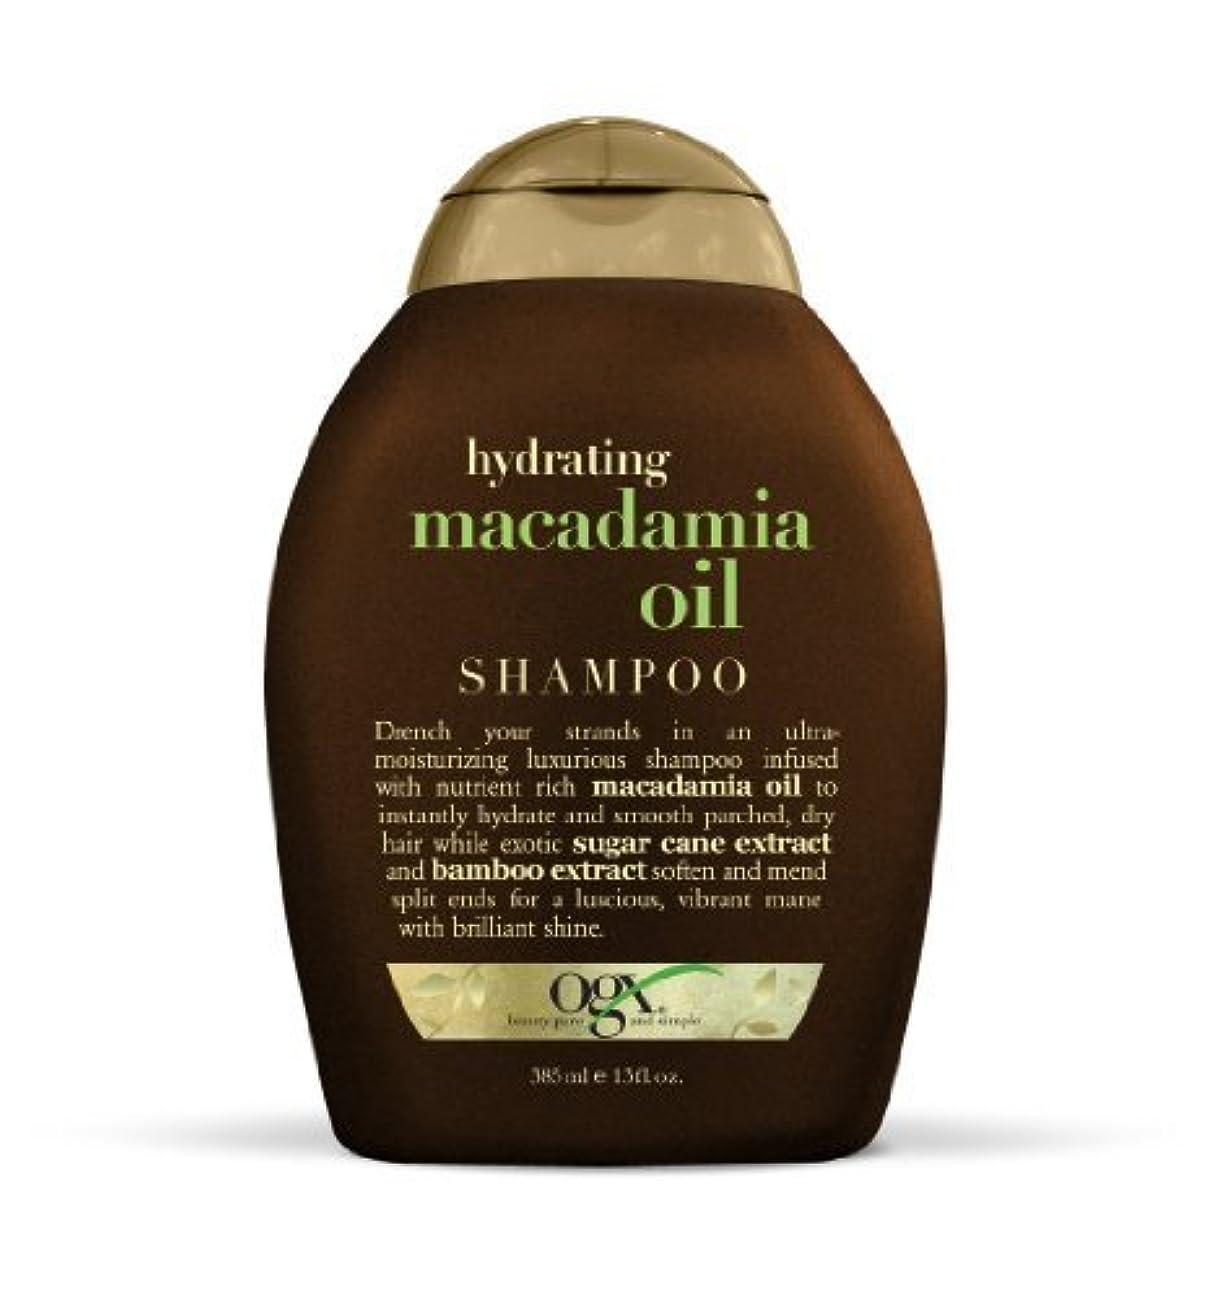 多様な投獄騒々しいOGX Shampoo, Hydrating Macadamia Oil, 13oz by Ogx [並行輸入品]